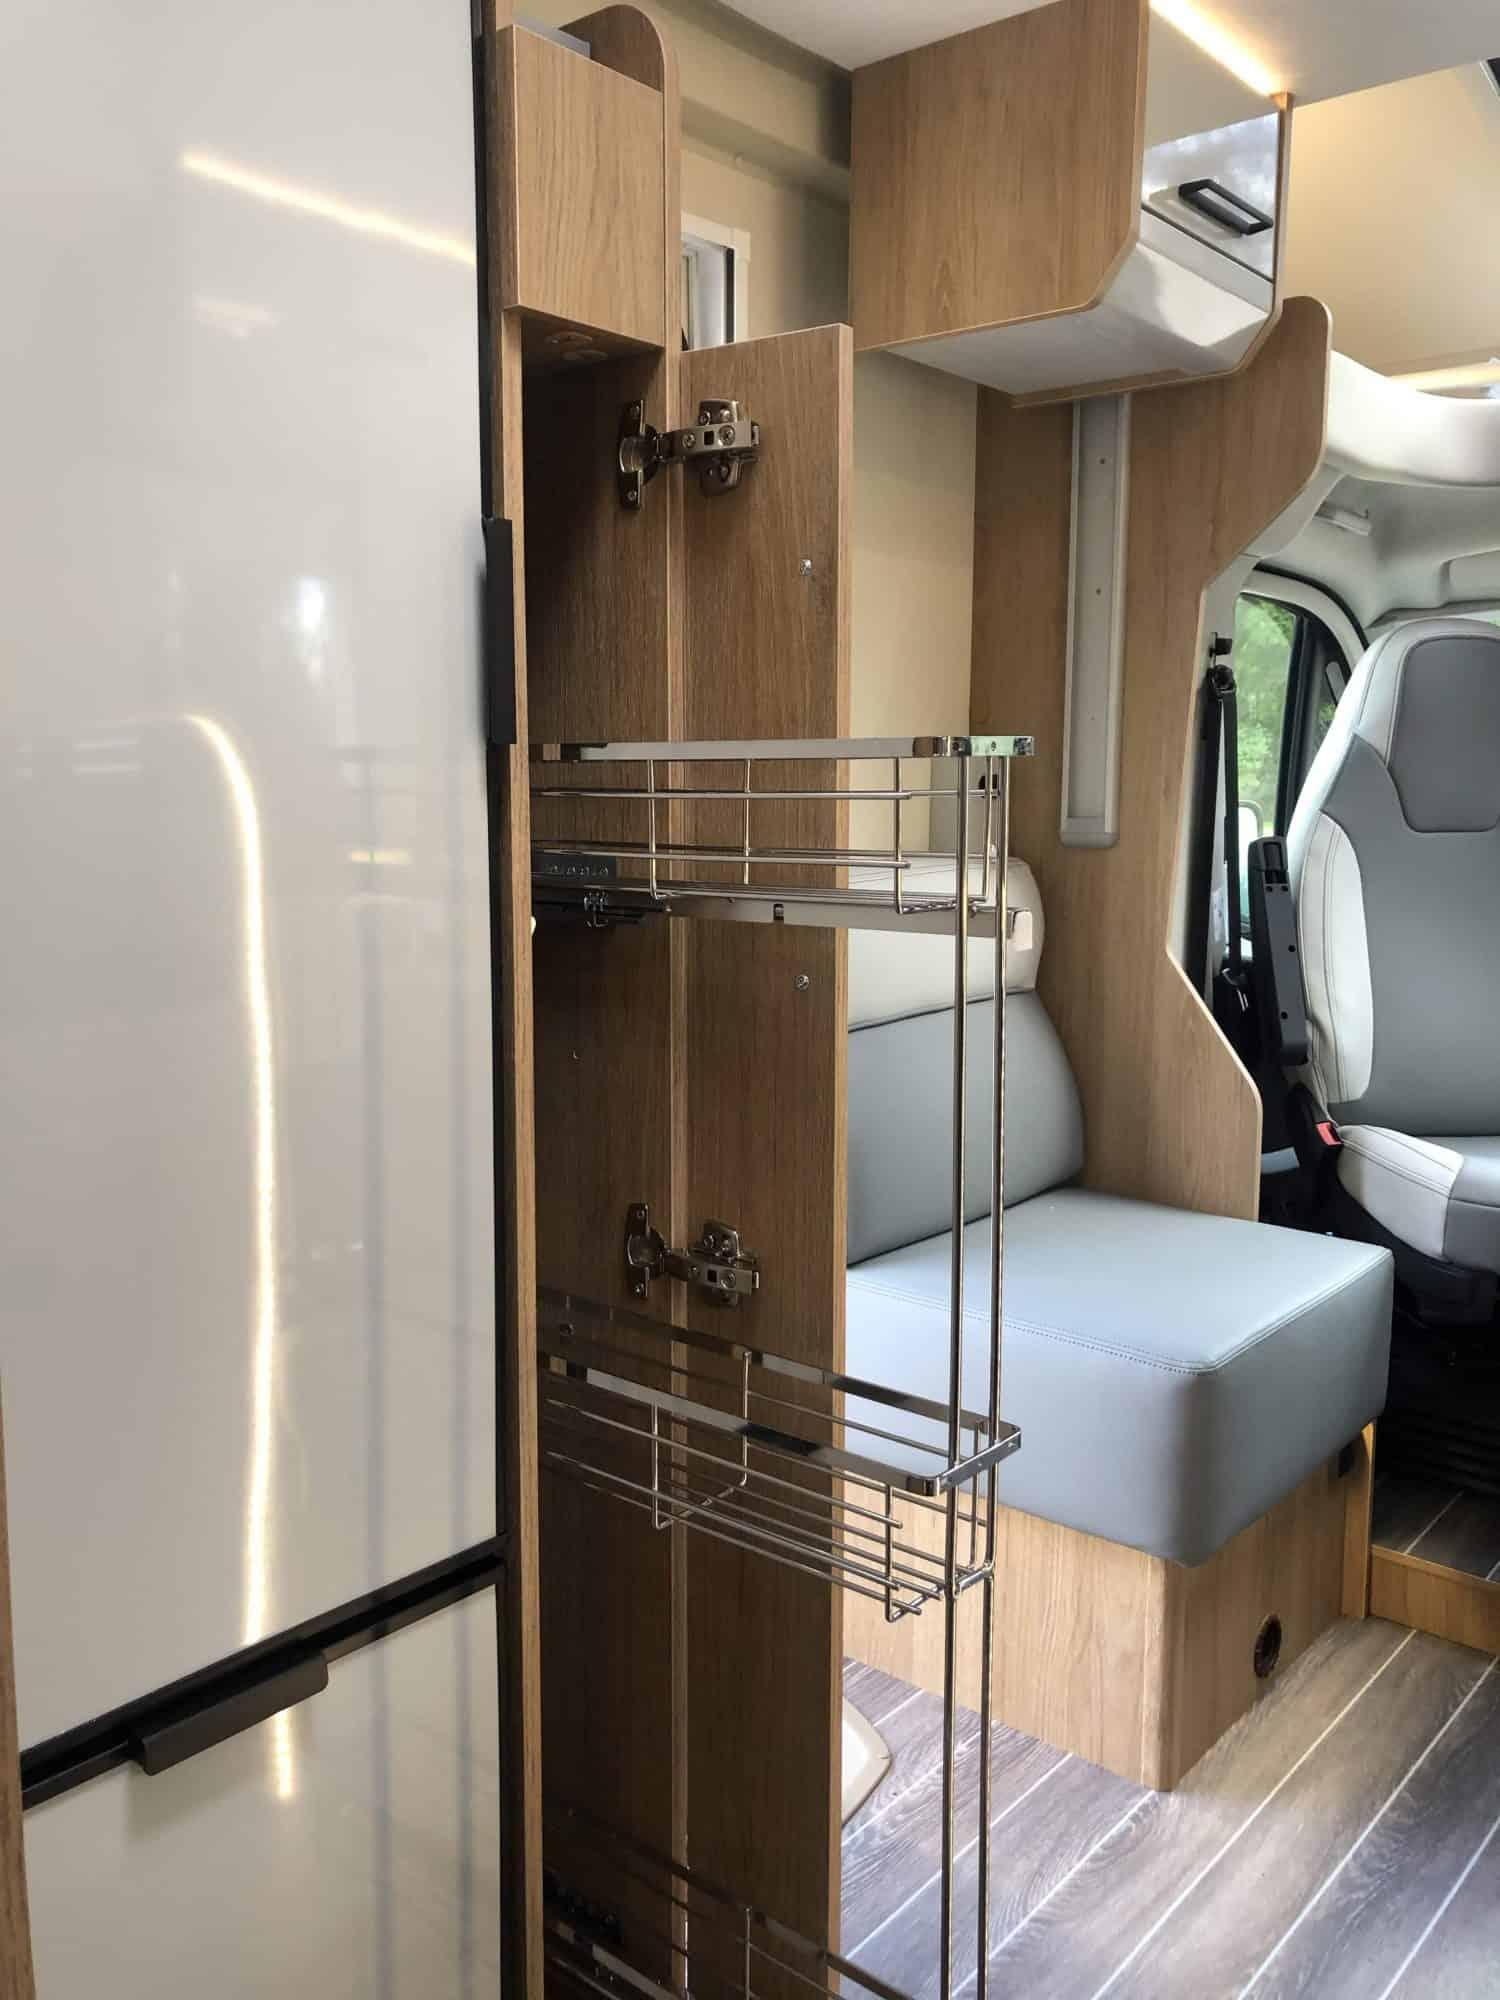 Campervan-hire-Scotland-hotel